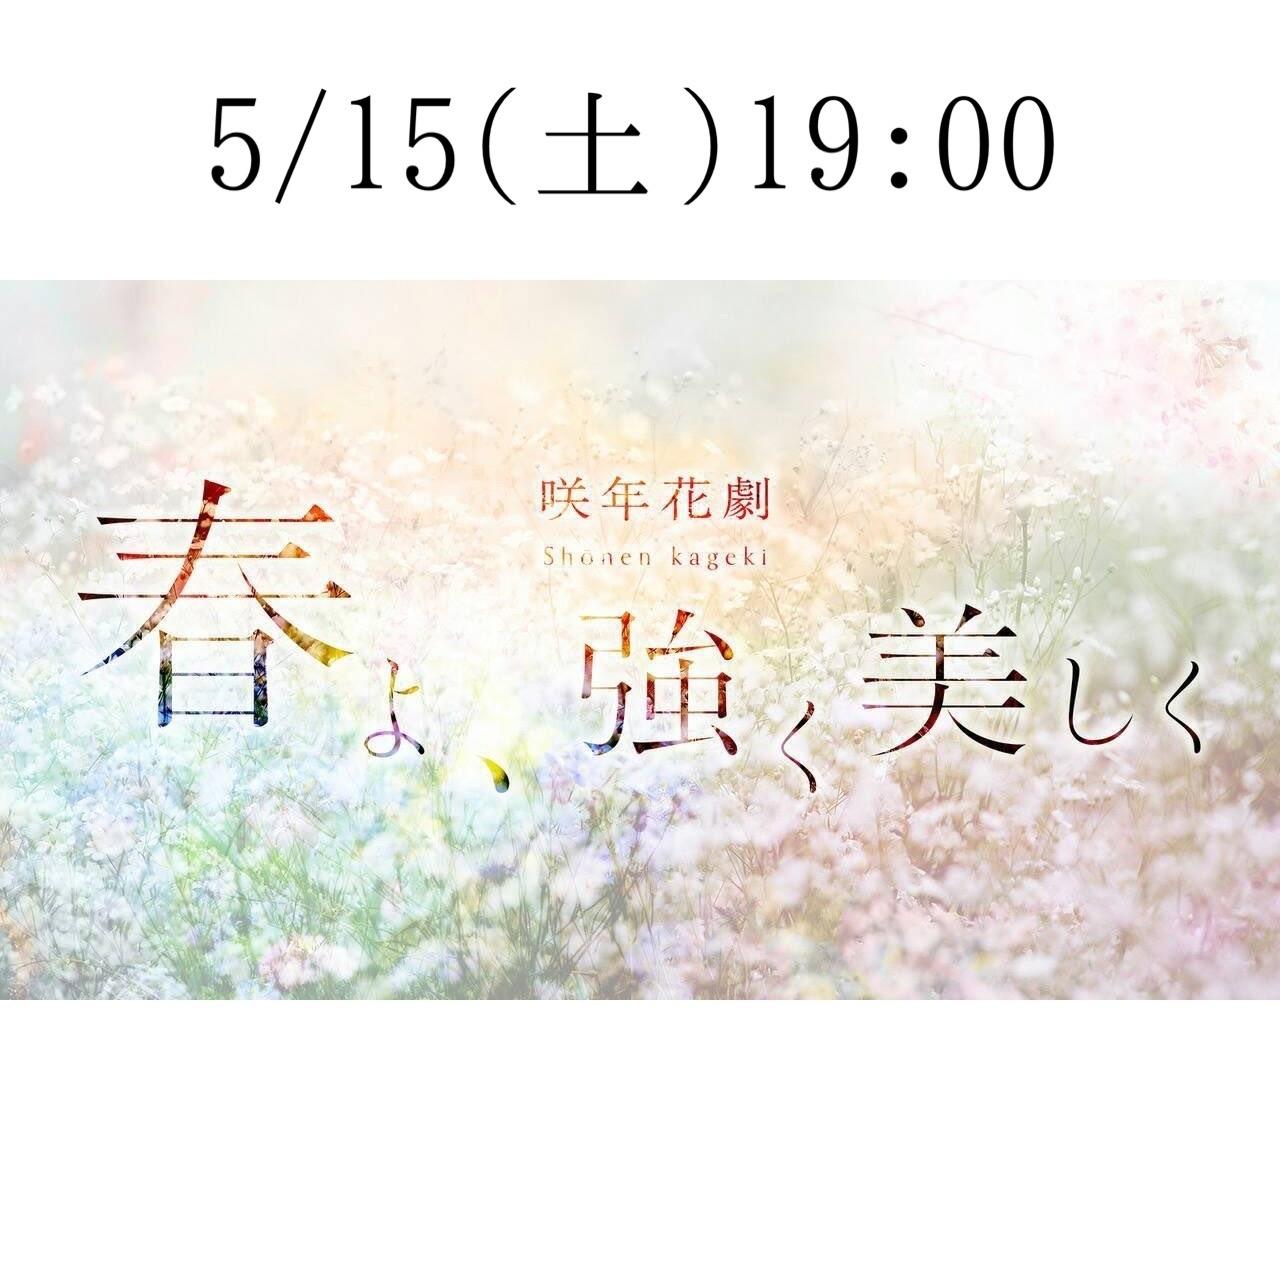 【5月15日(土) 19:00】咲年花劇「春よ、強く美しく」